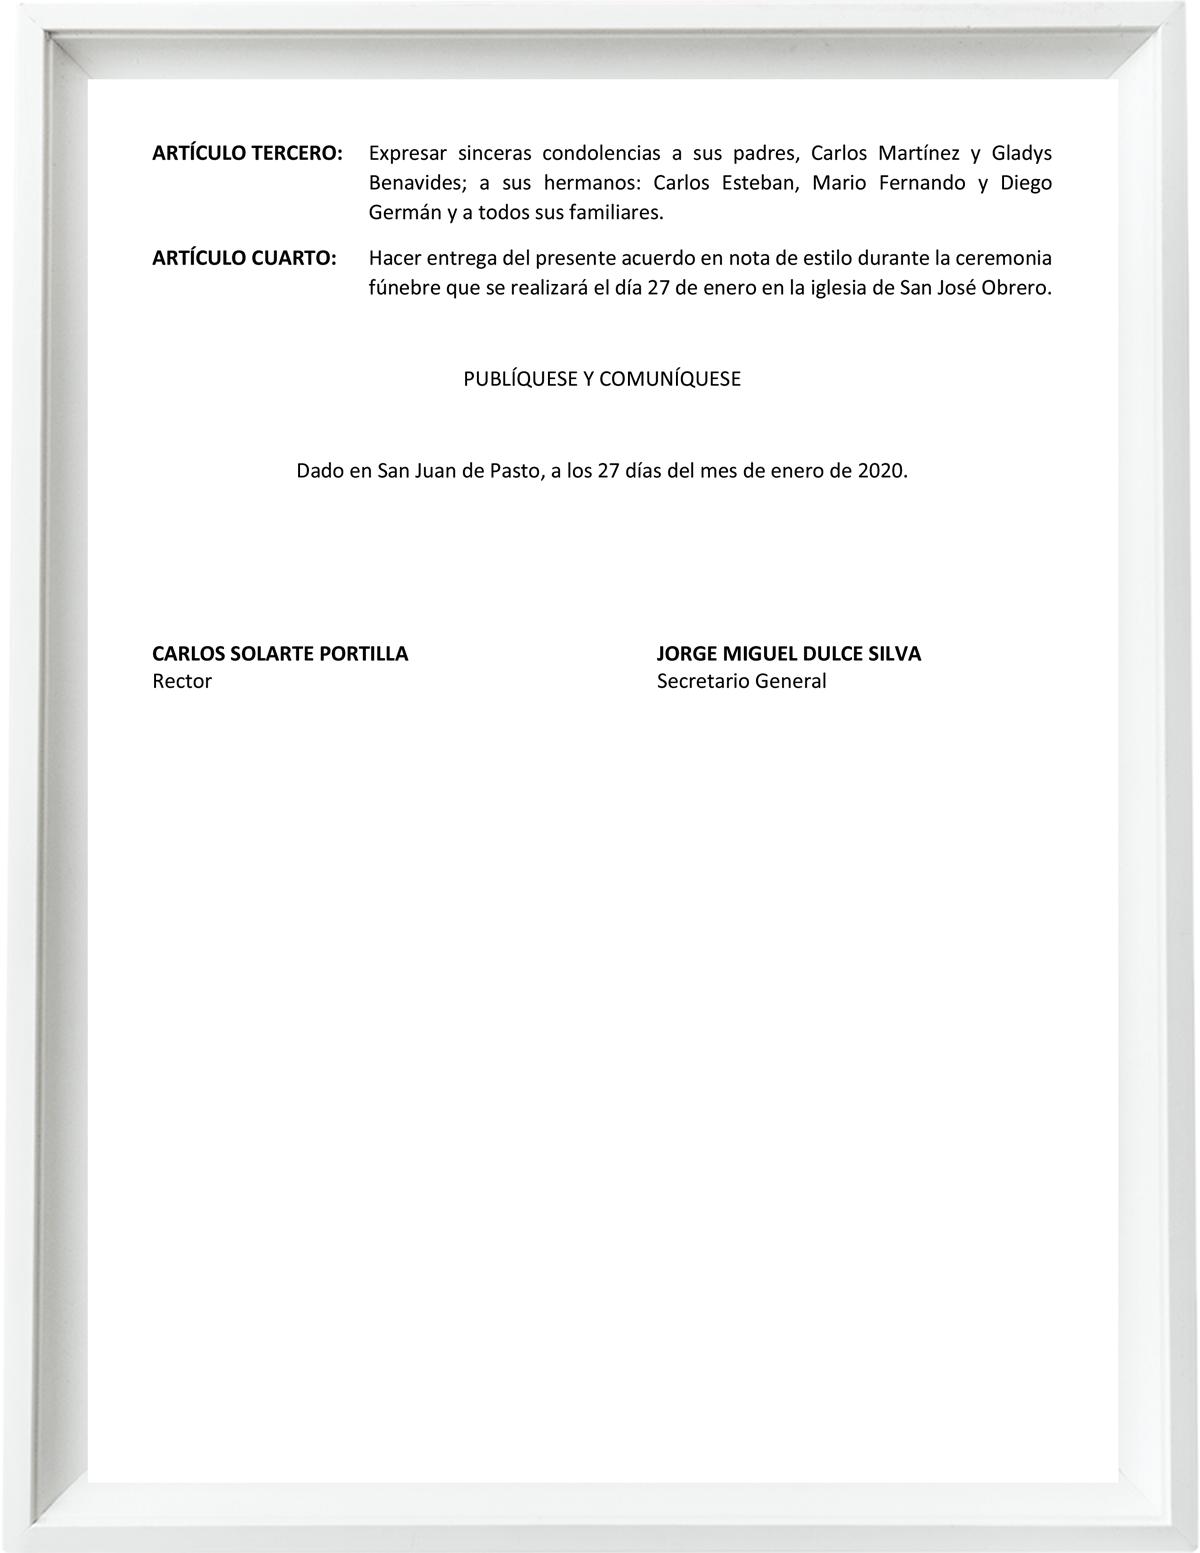 consejo-academico-udenar-javier-martinez-udenar-periodico